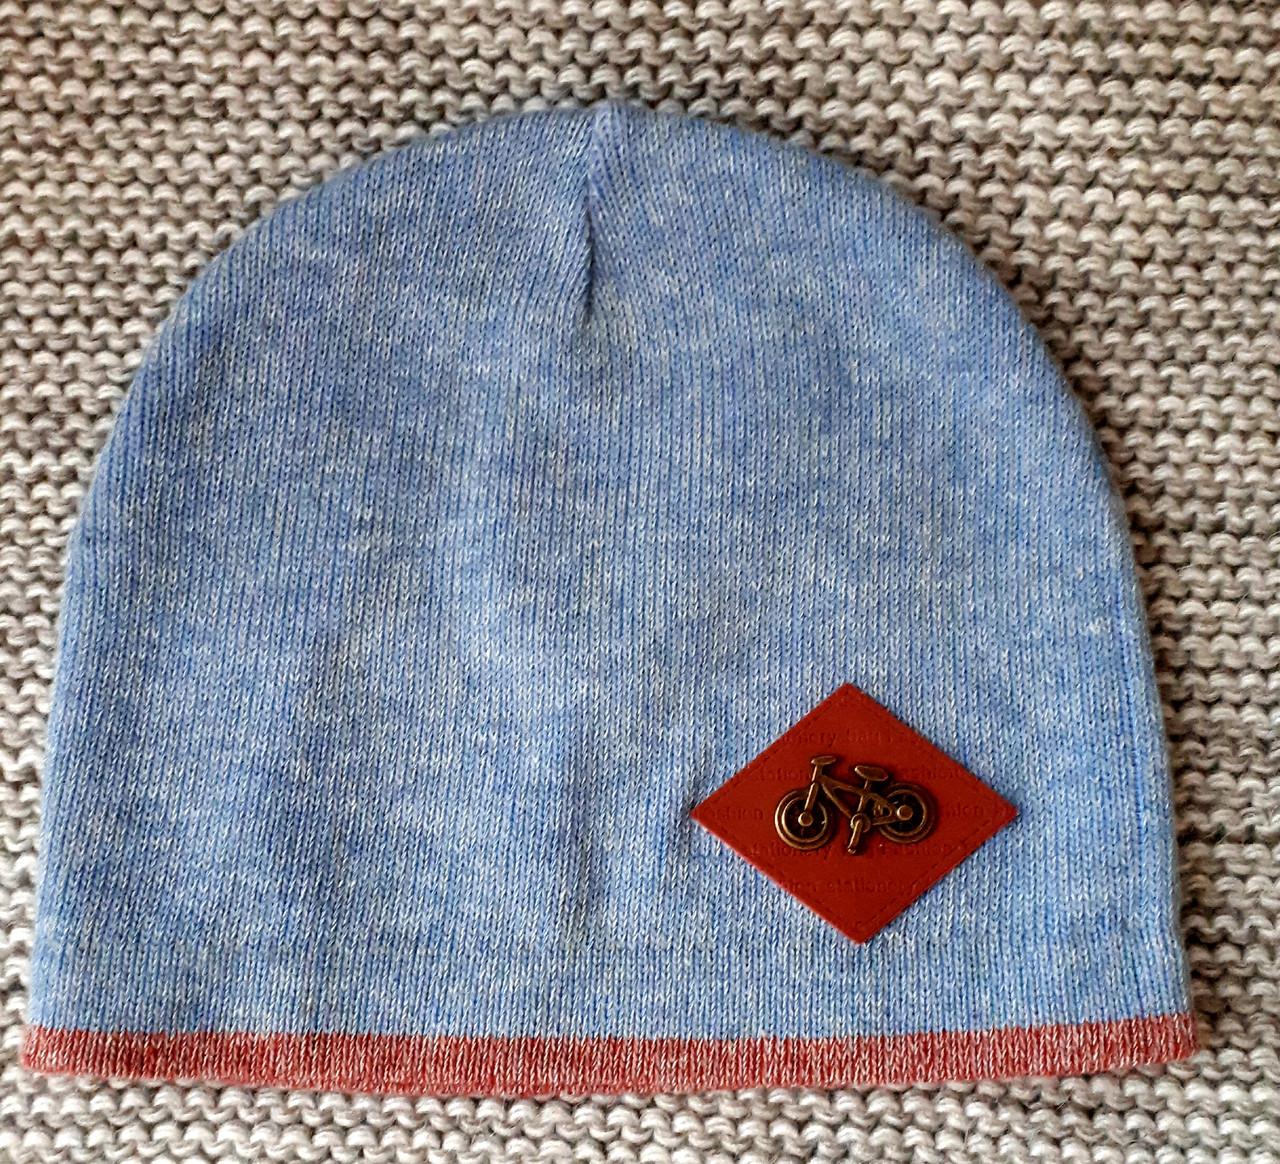 Шапка  на мальчика весна-осень голубой меланж ANPA (Польша) размер 48 50